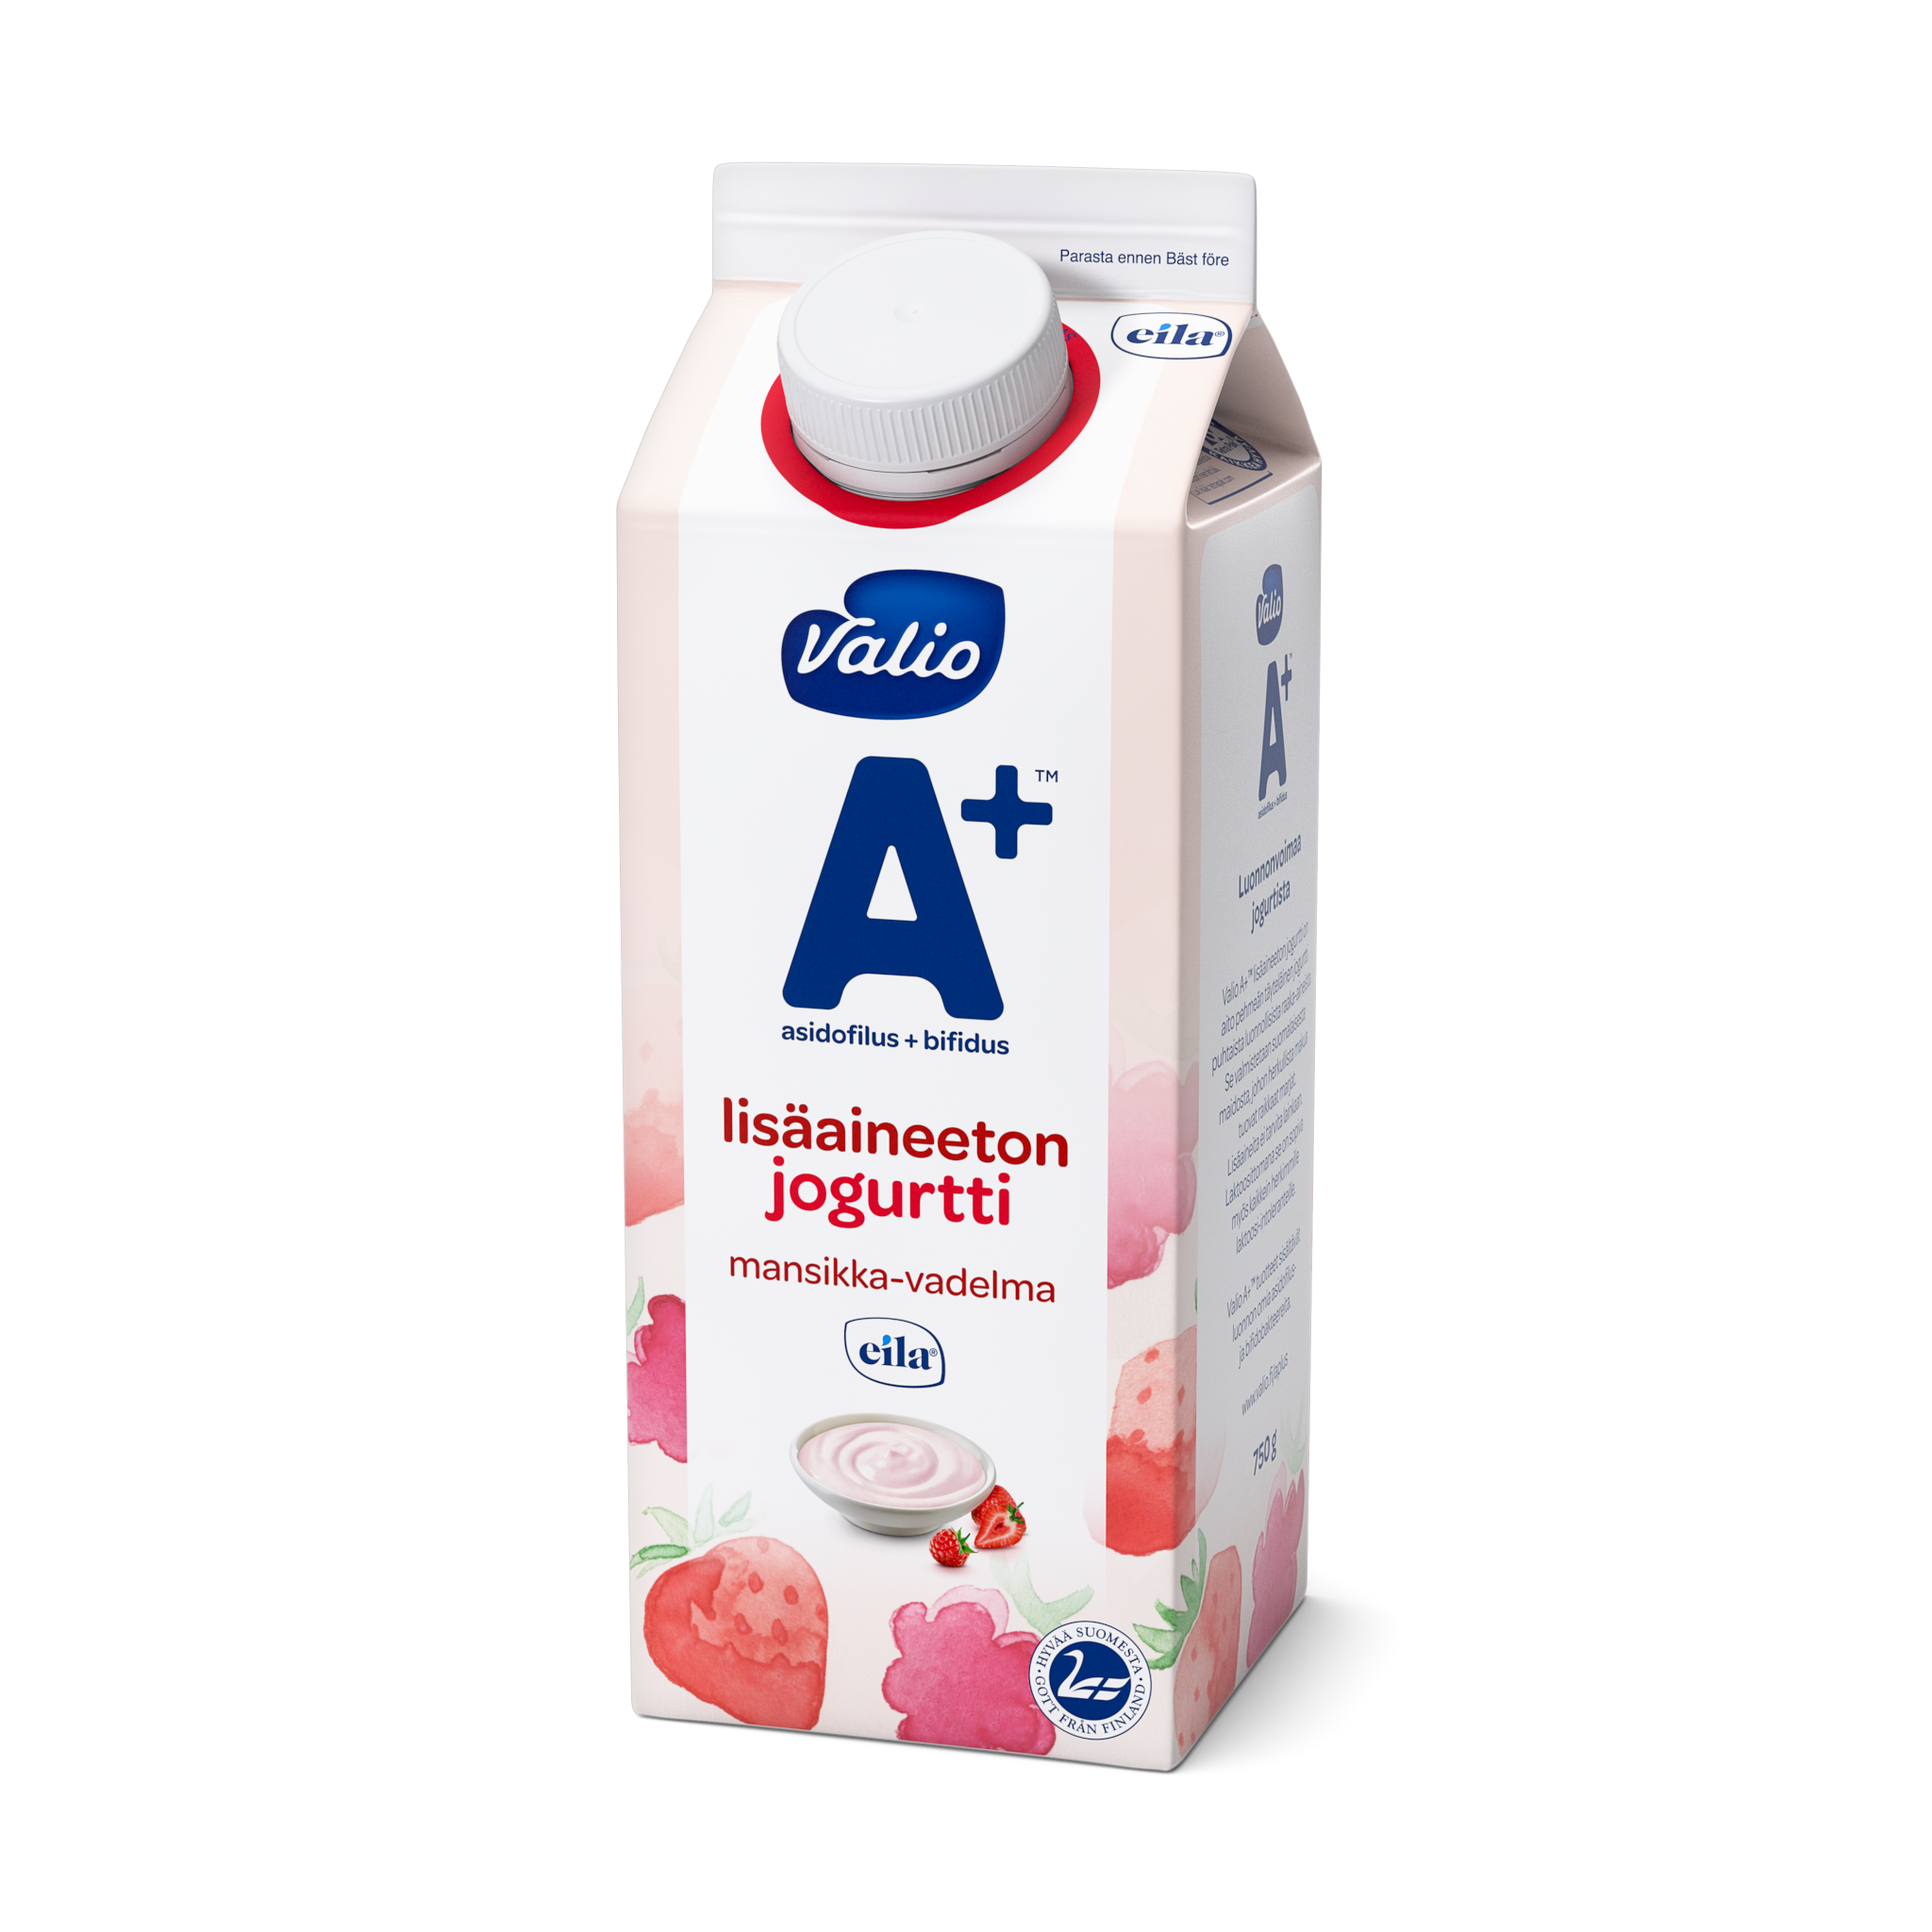 Valio A+™ lisäaineeton jogurtti mansikka-vadelma laktoositon